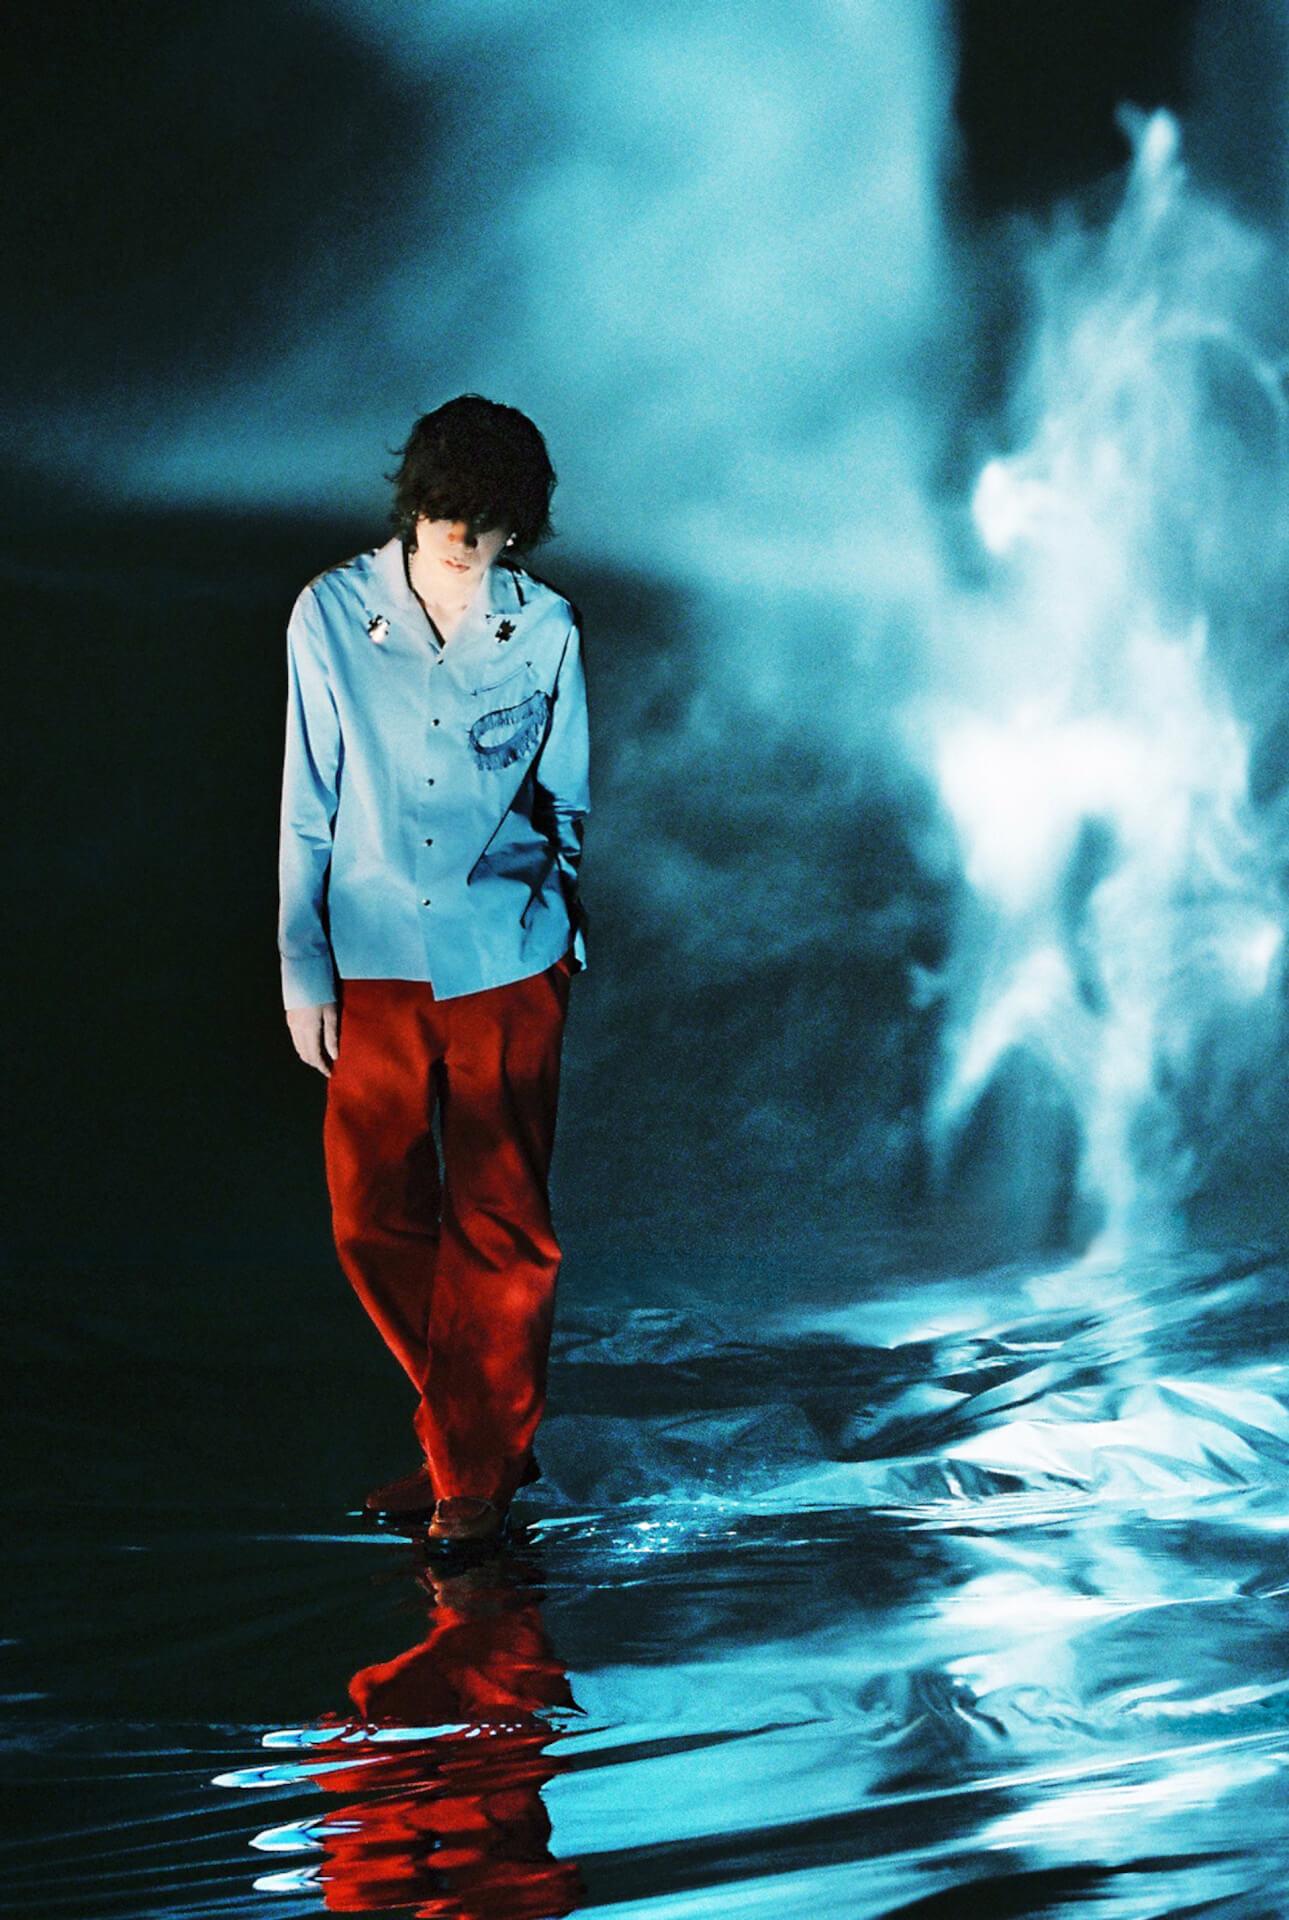 """新曲""""Pale Blue""""が話題の米津玄師新ビジュアルが解禁!ヨリ&トケの2バージョンが公開 music210507_yonezukenshi_paleblue_2"""